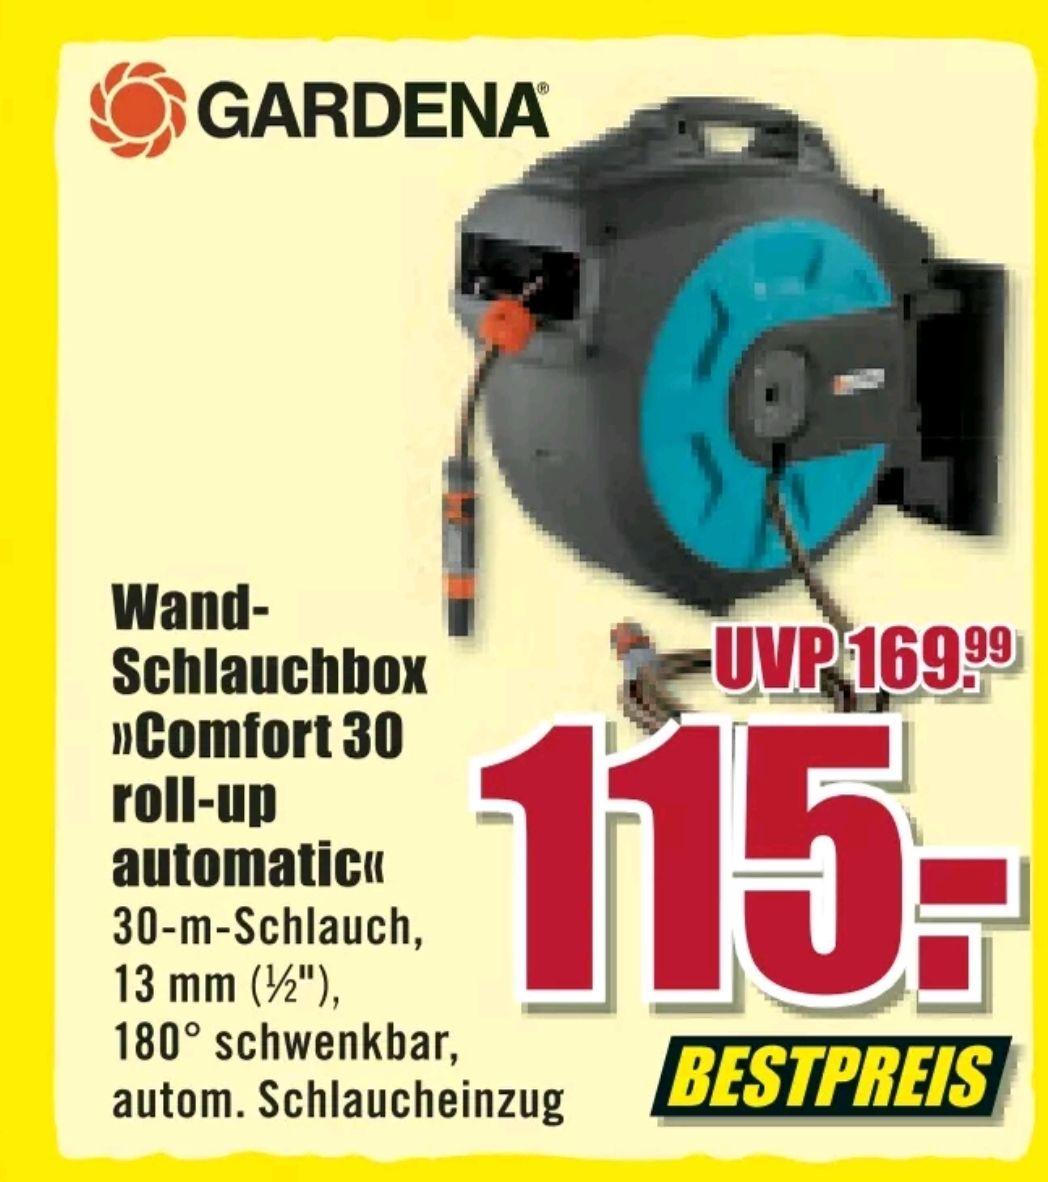 B1 BAUMARKT Gardena Wand Schlauchbox Comfort 30